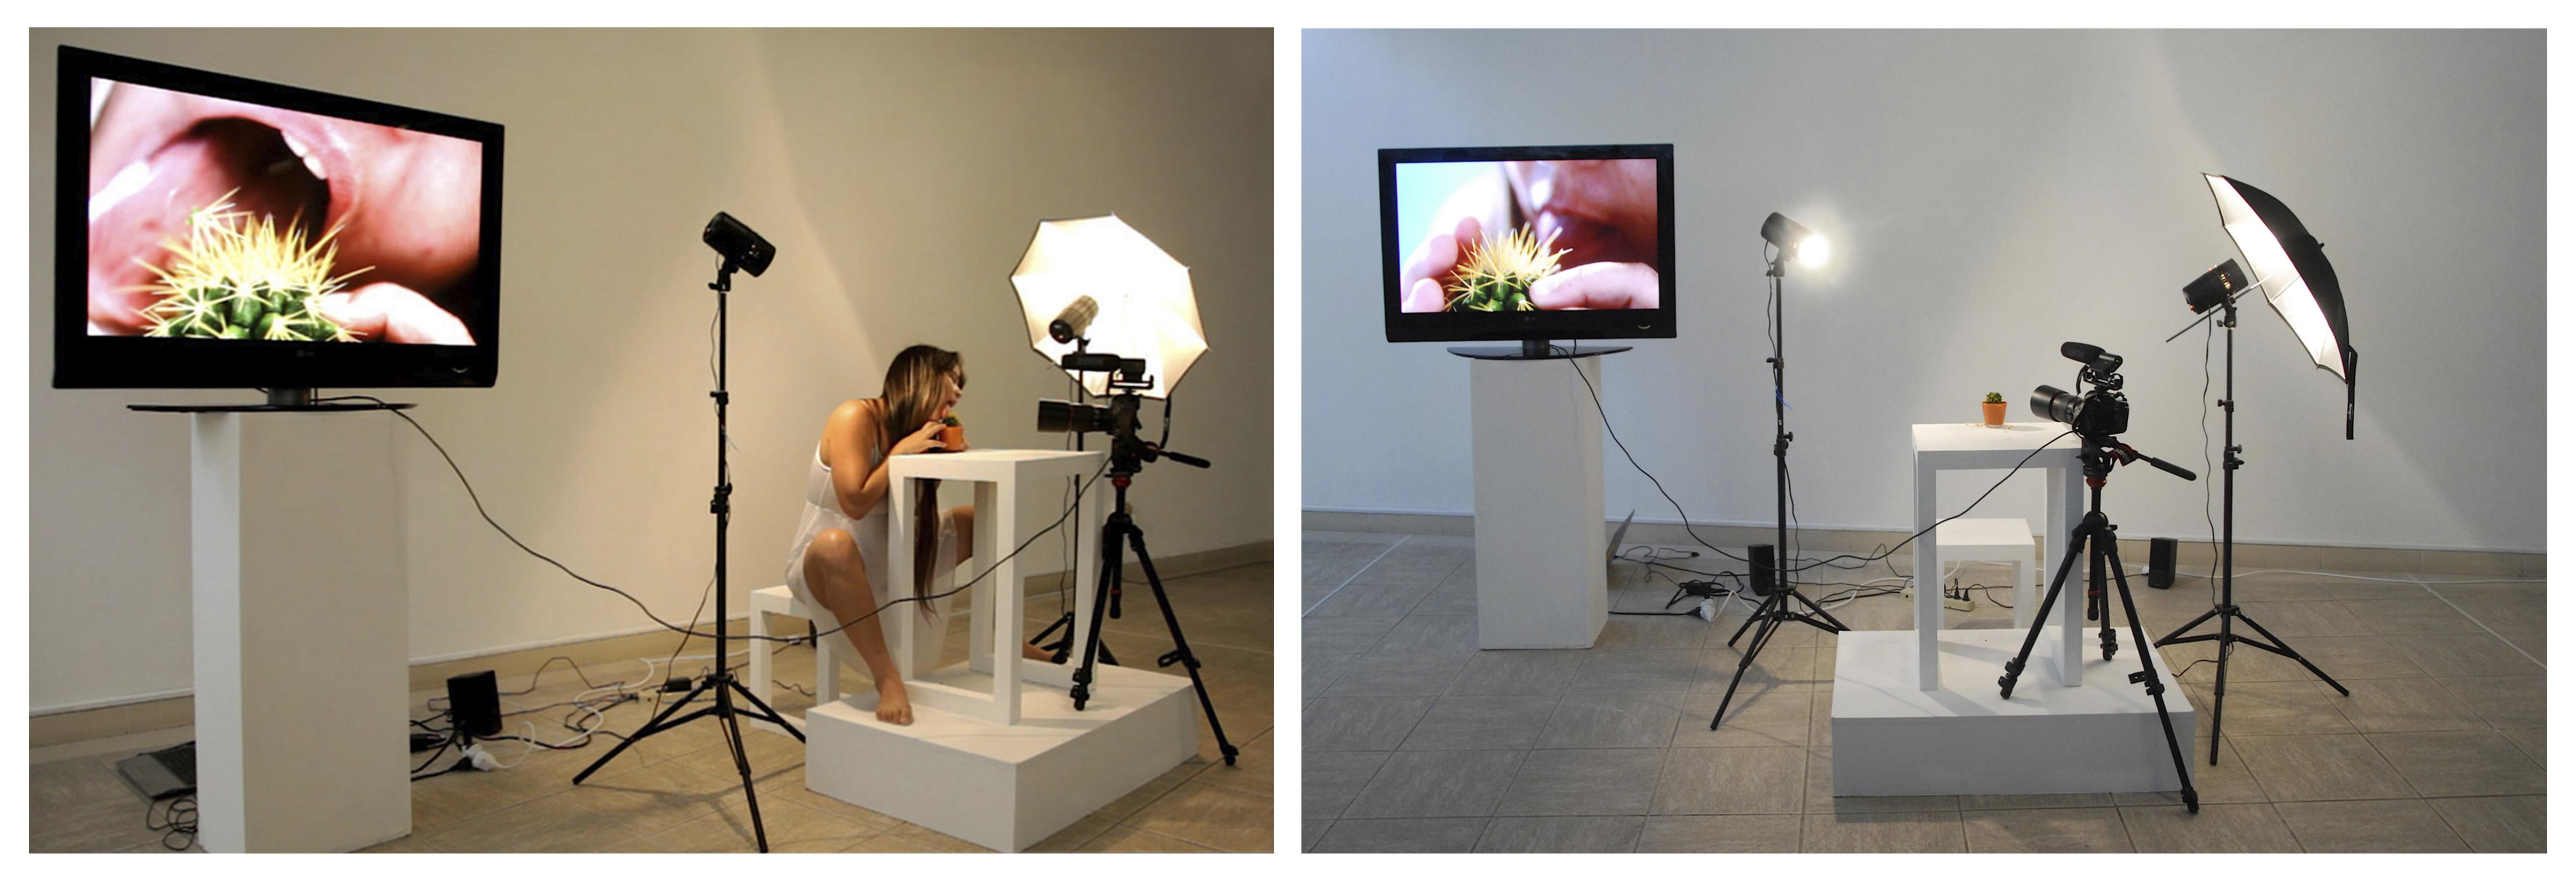 De la permanencia y otras necesidades performance:installation, 2013,2014,2015, Grethel Rasúa (Imágenes cortesía de la artista)